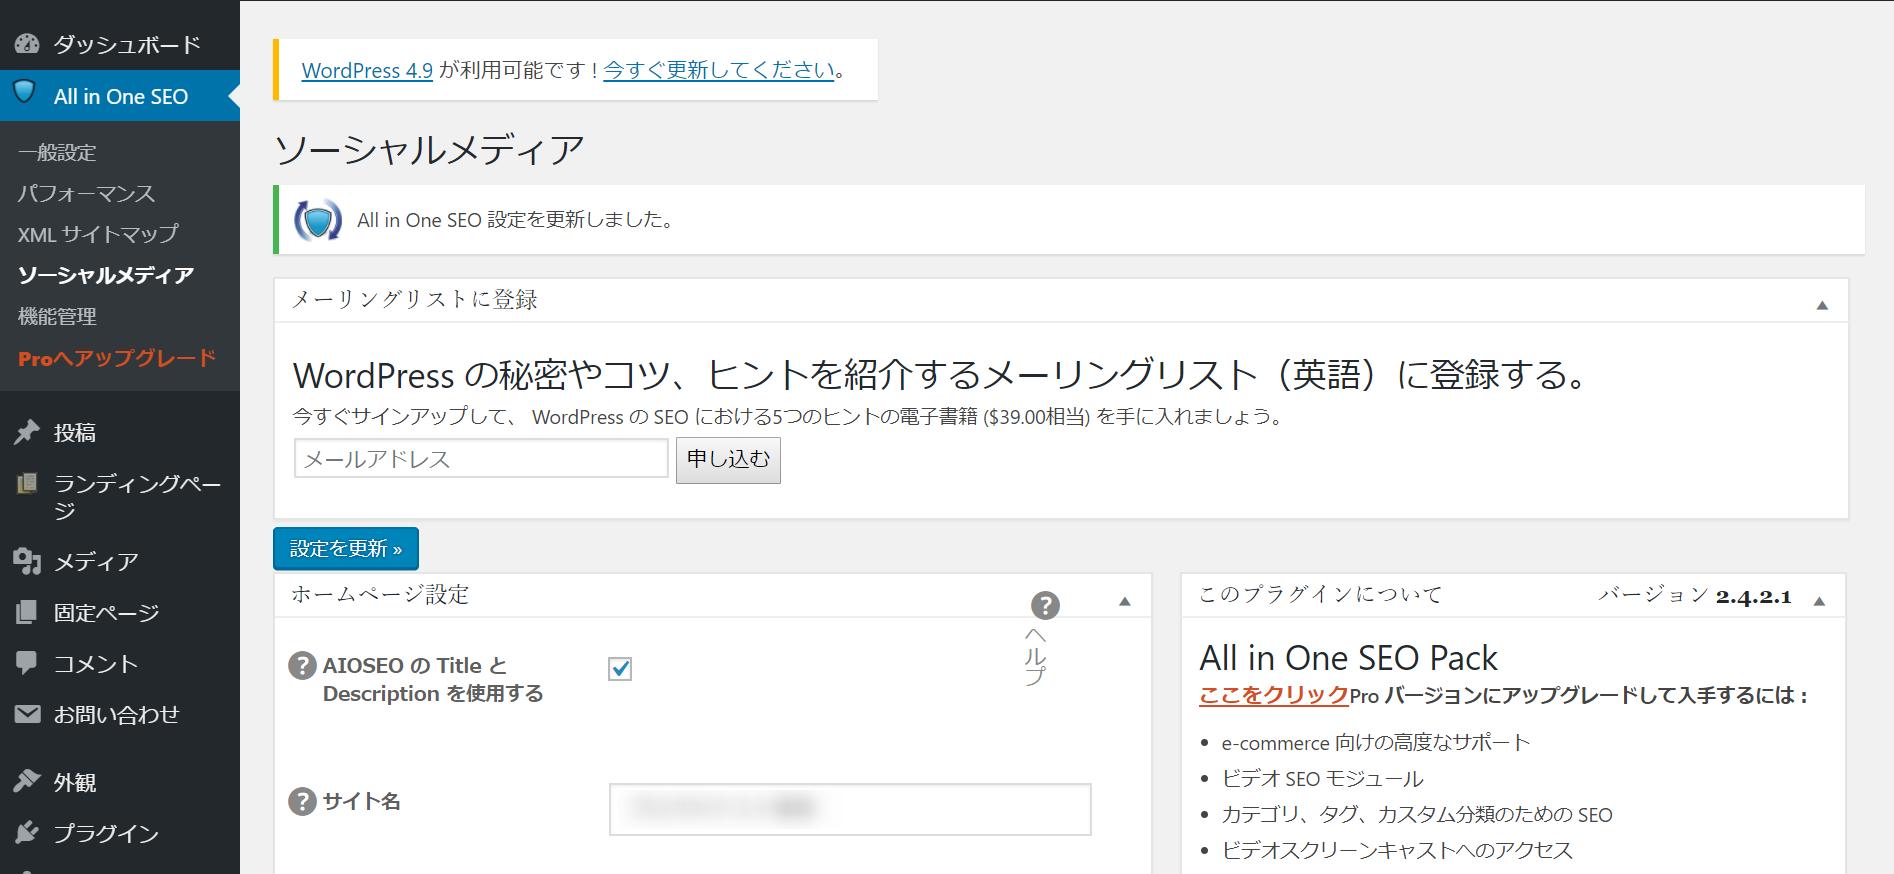 AllinOneSEOソーシャルメディア設定更新完了